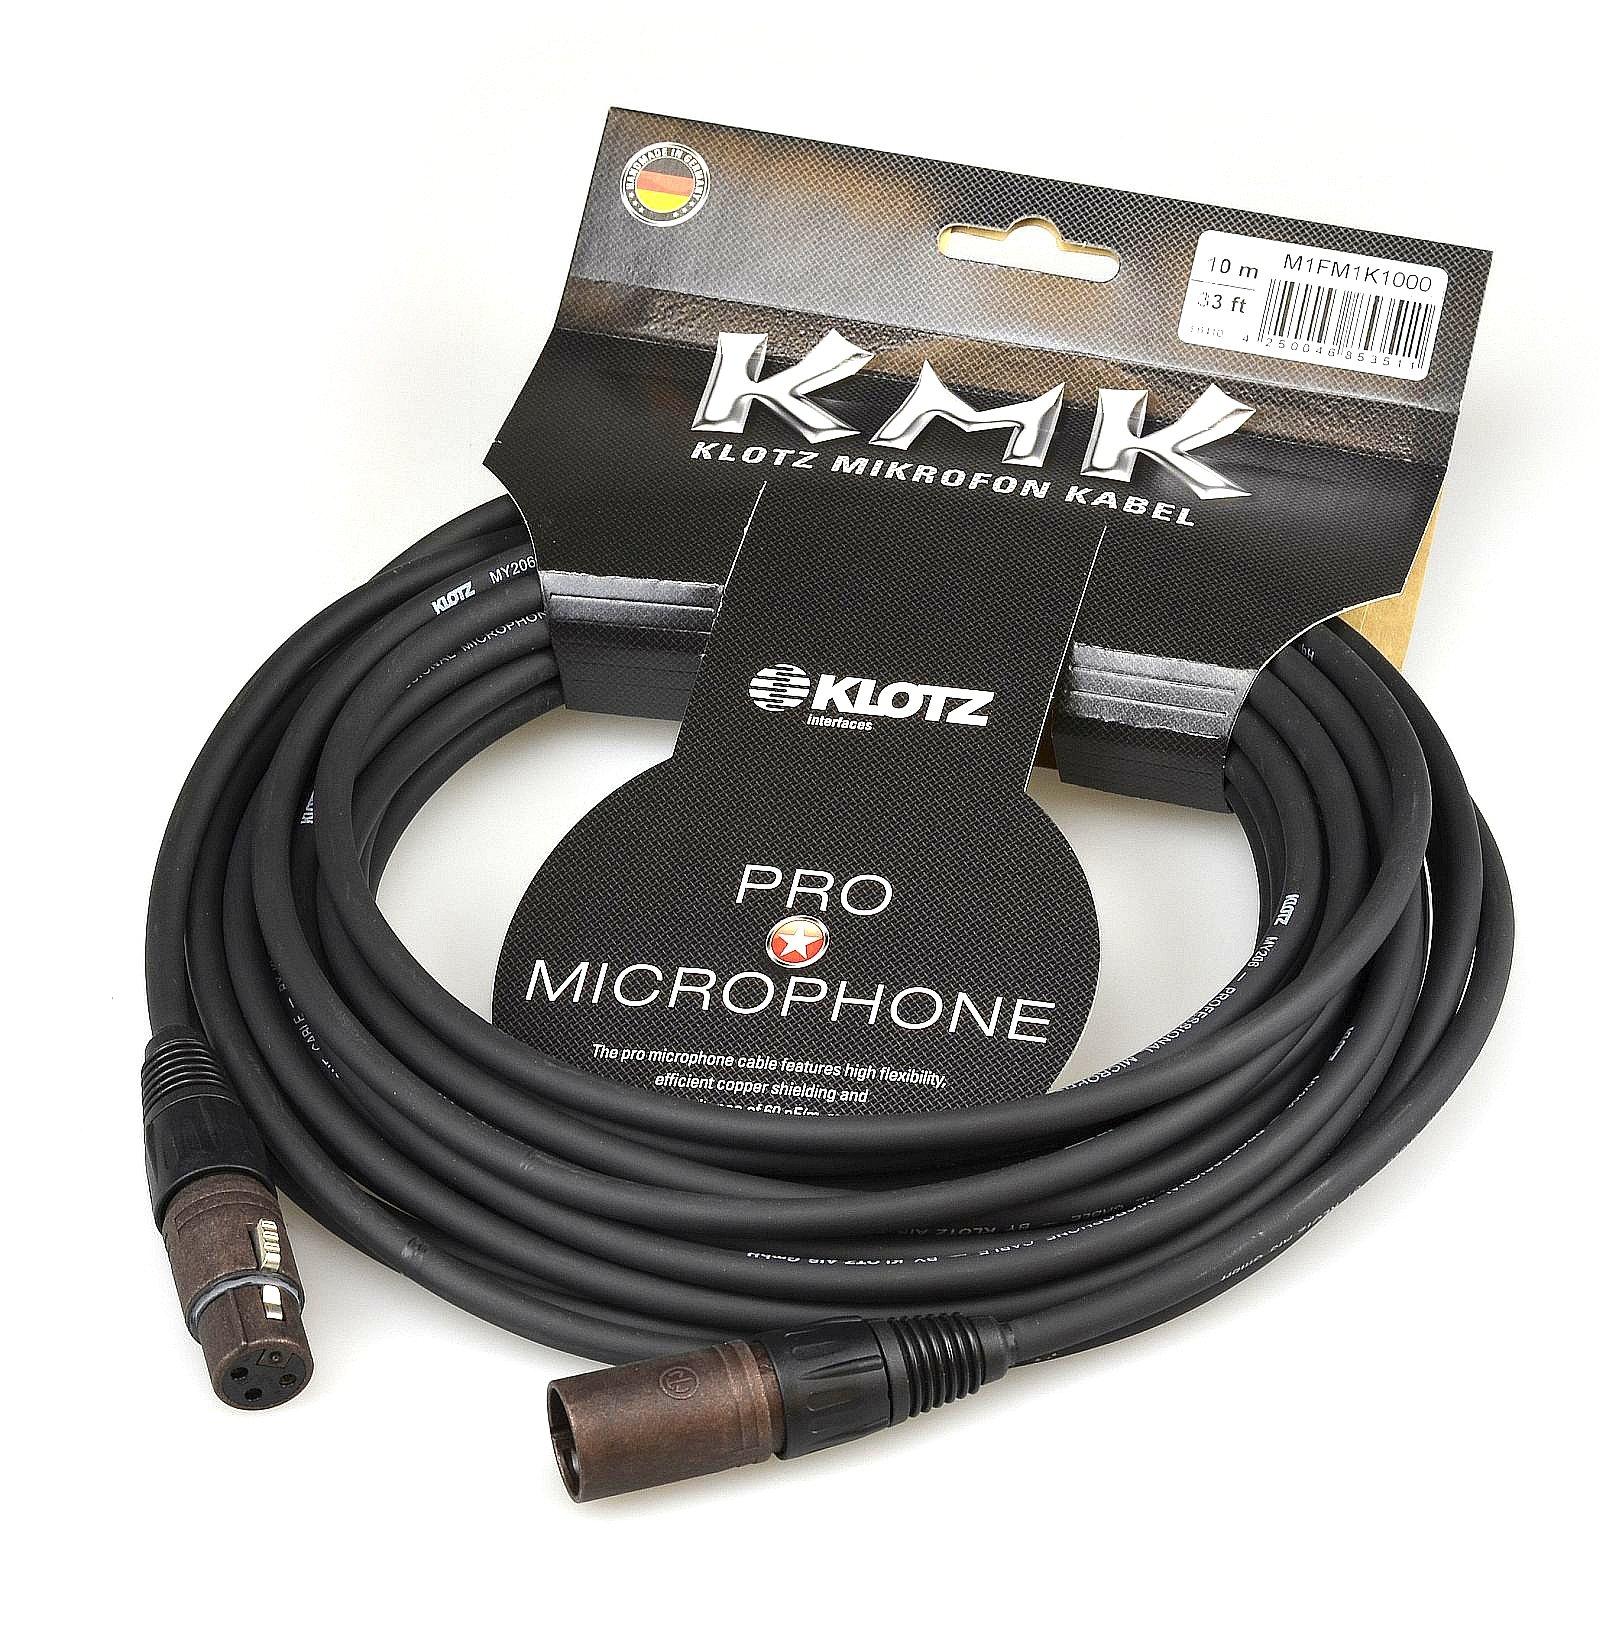 Item KLOTZ KMK MIC cable 10m XLR NEUTRIK CANON